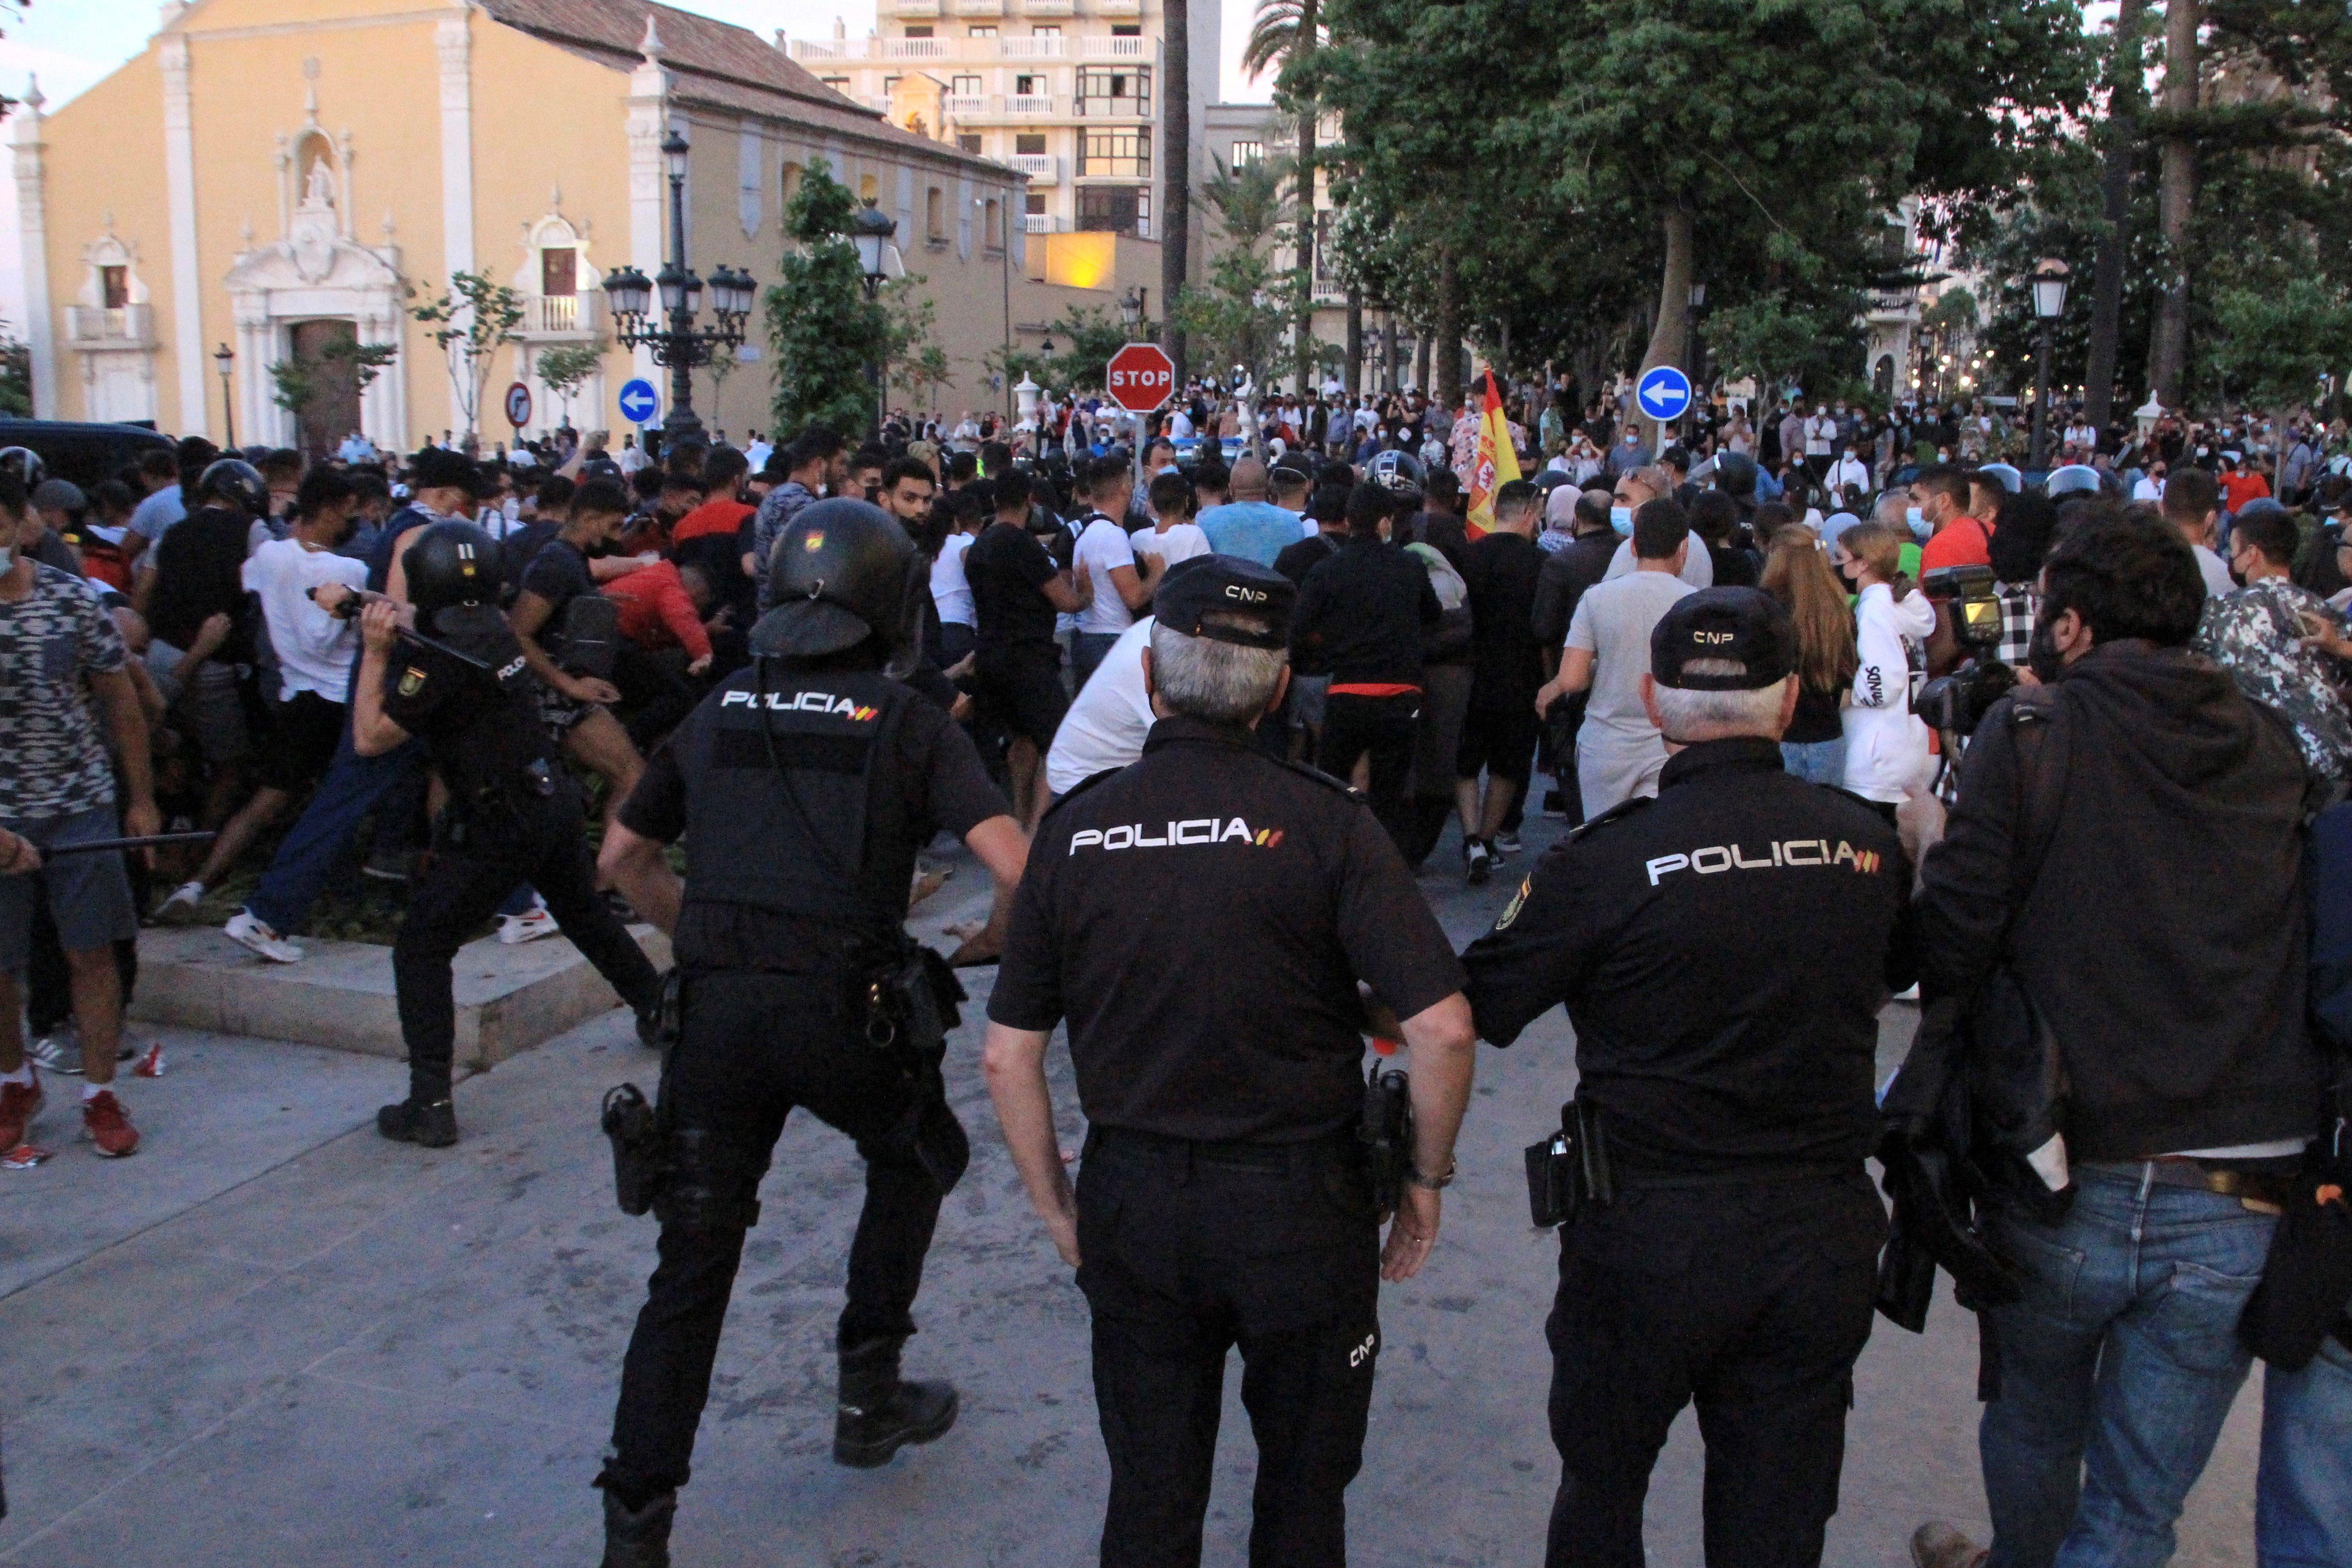 Agentes de la Policía cargan contra los boicoteadores.